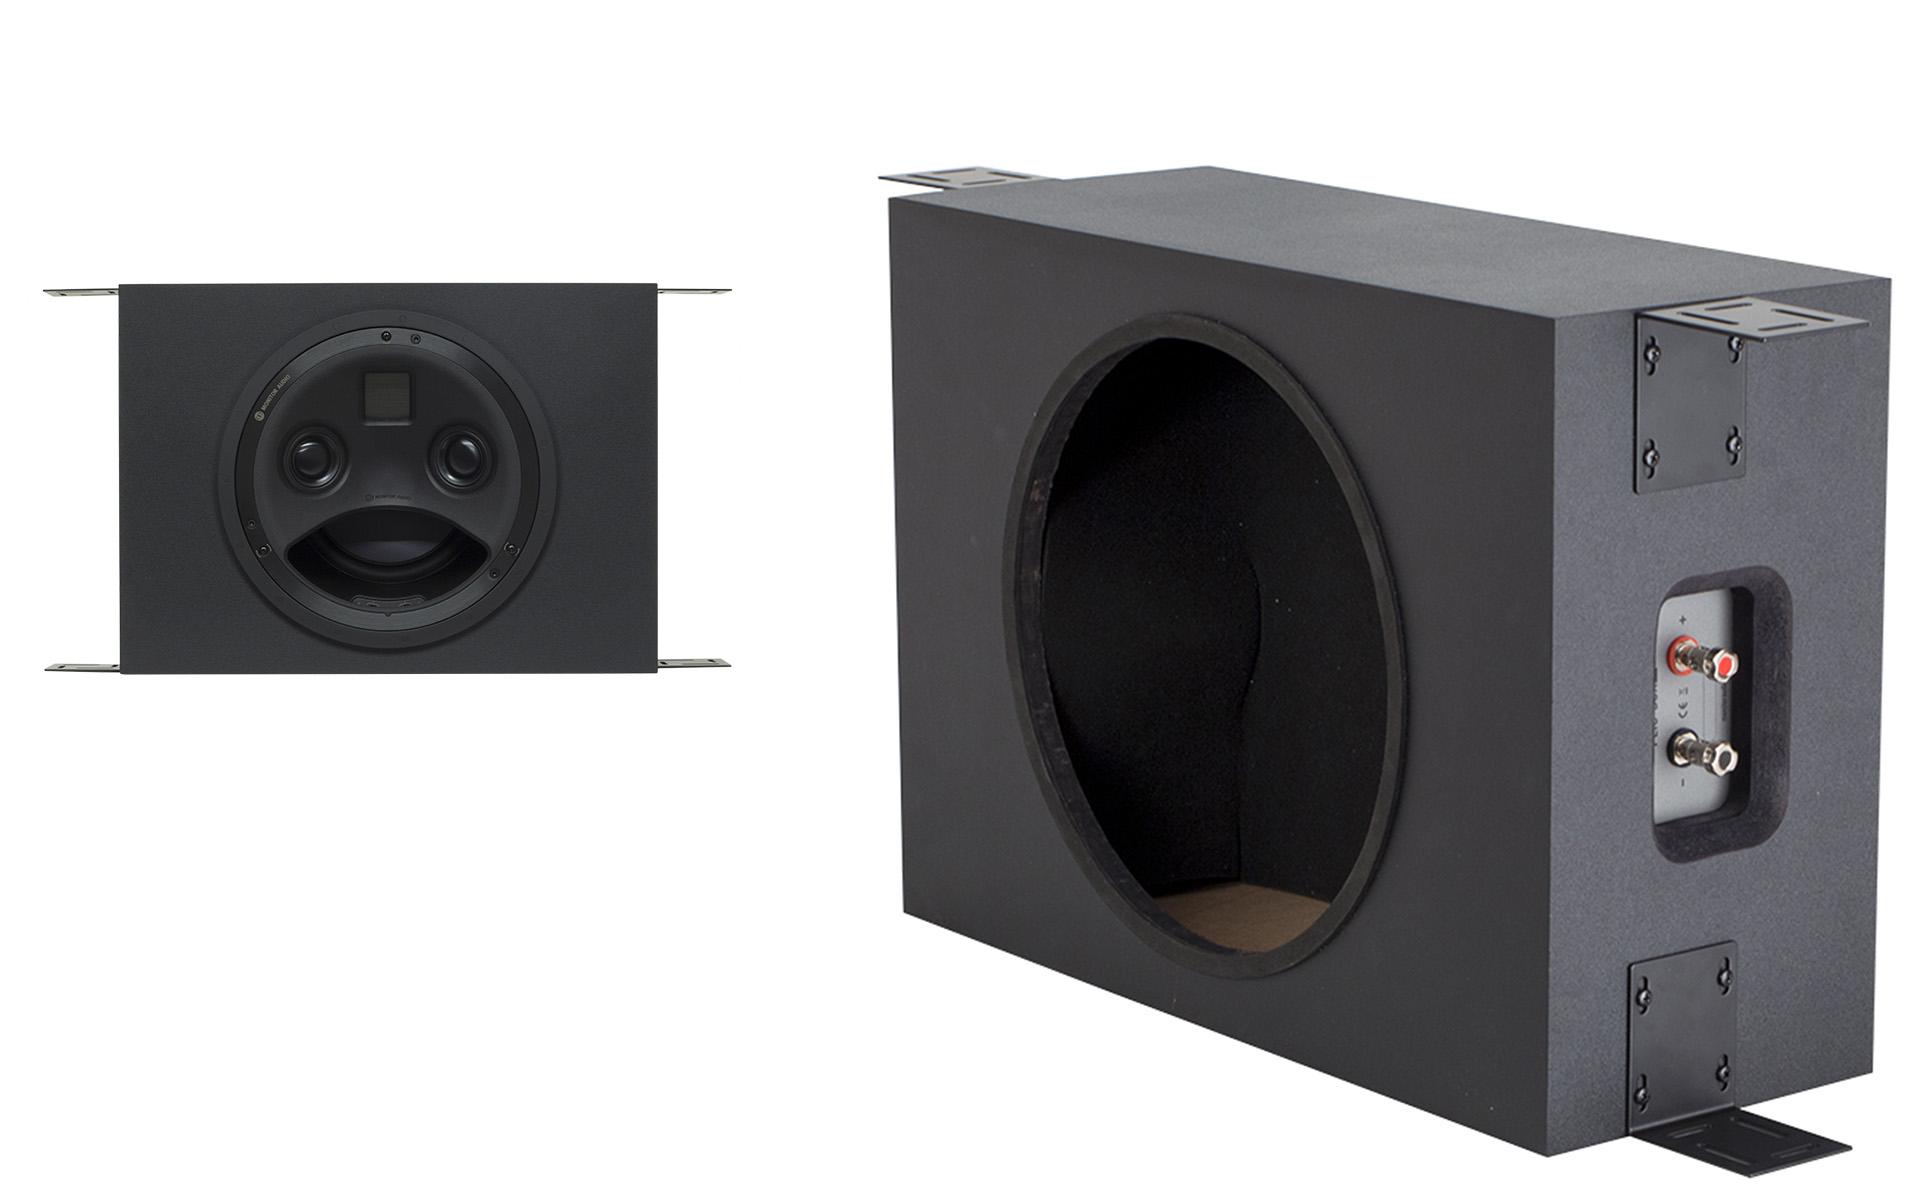 Монтажный бокс Monitor Audio PLIC-Box II обеспечит удобную и надёжную установку встраиваемой акустической системы